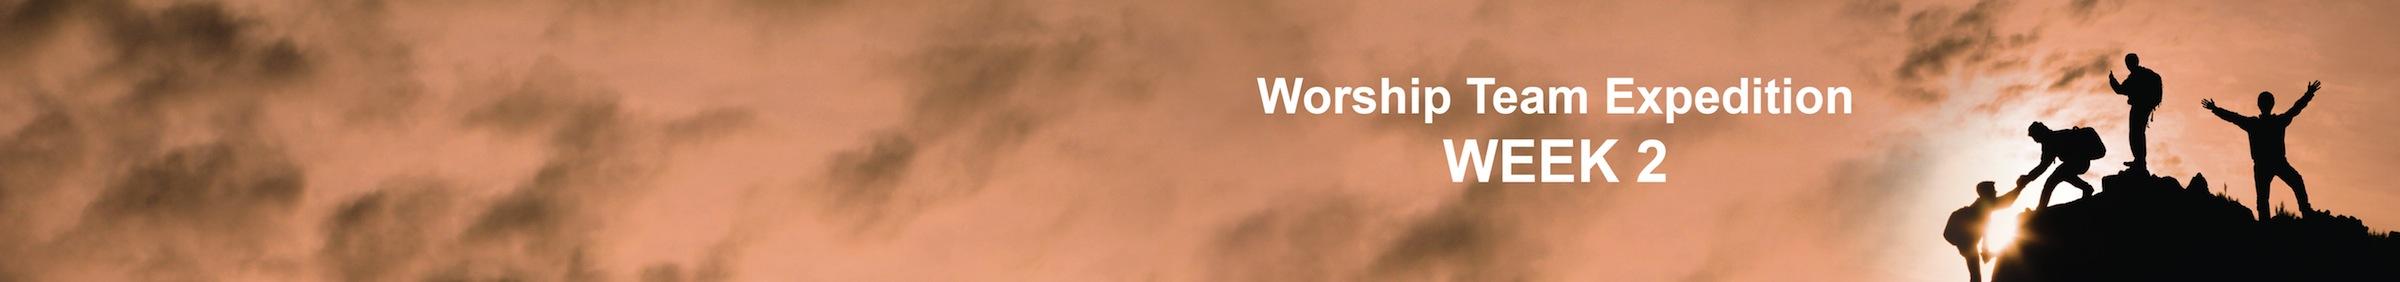 WTEWeek2Banner